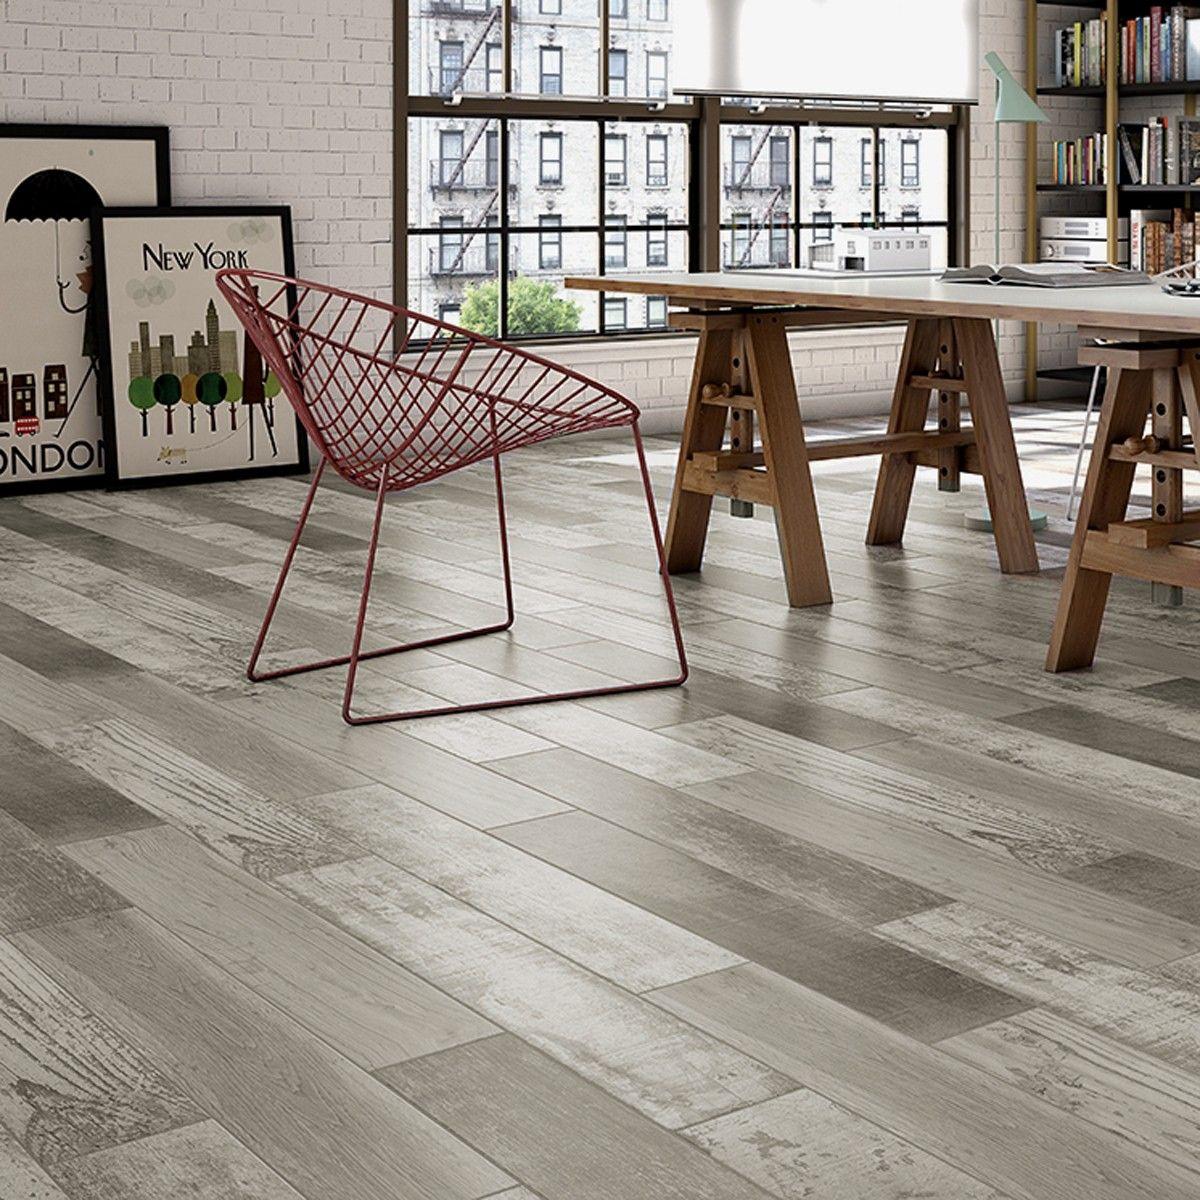 matt wood effect tiles